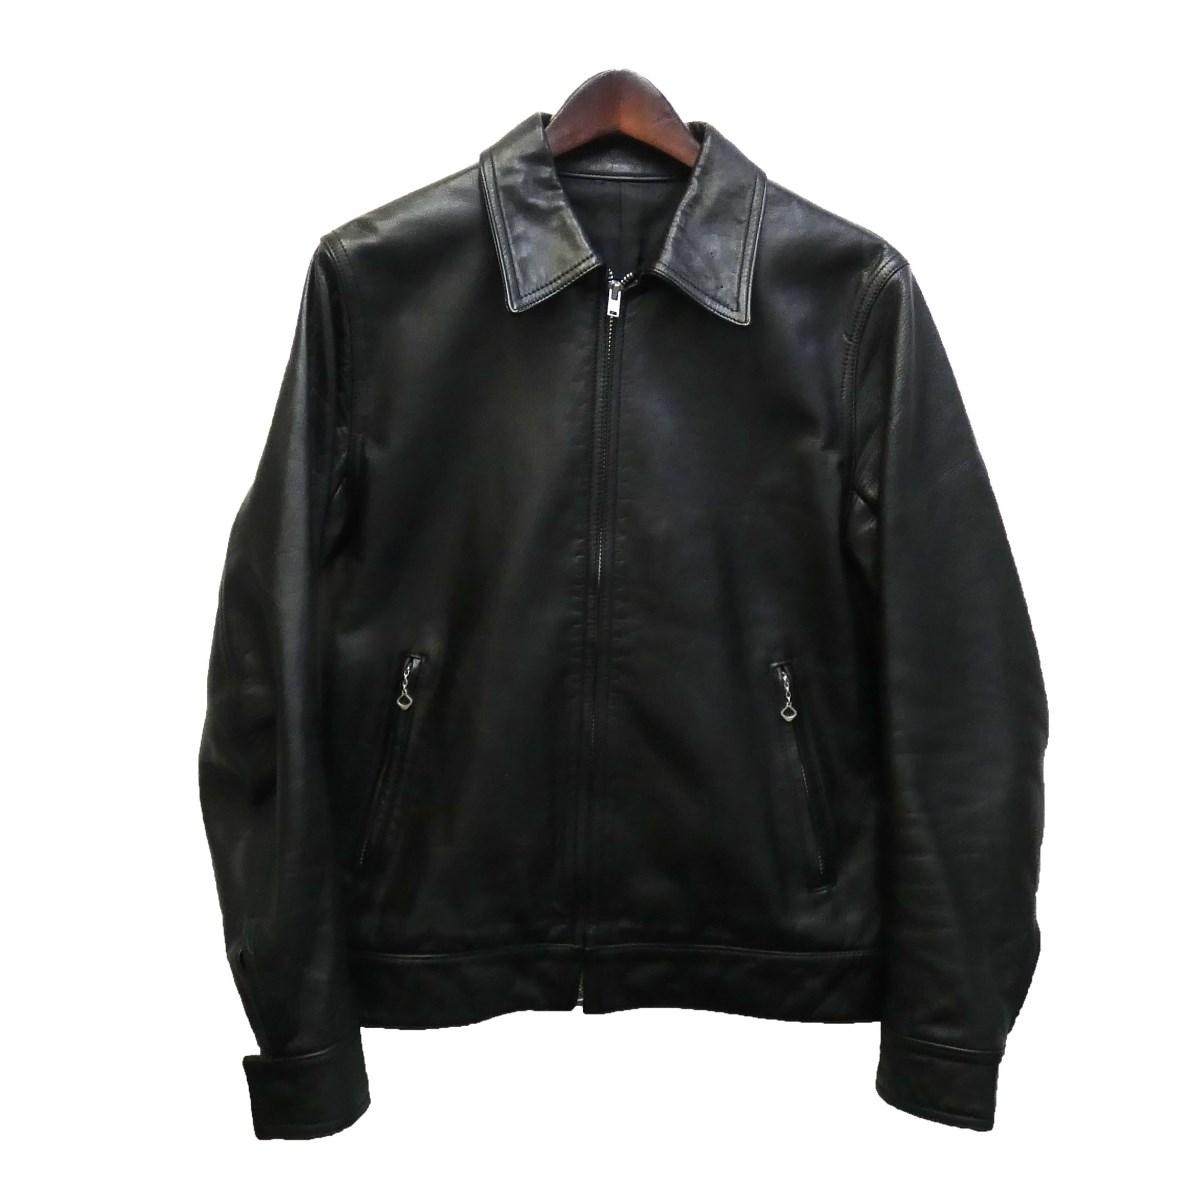 【中古】WACKO MARIA 09AW 襟付きシングルレザージャケット ブラック サイズ:S 【100220】(ワコマリア)